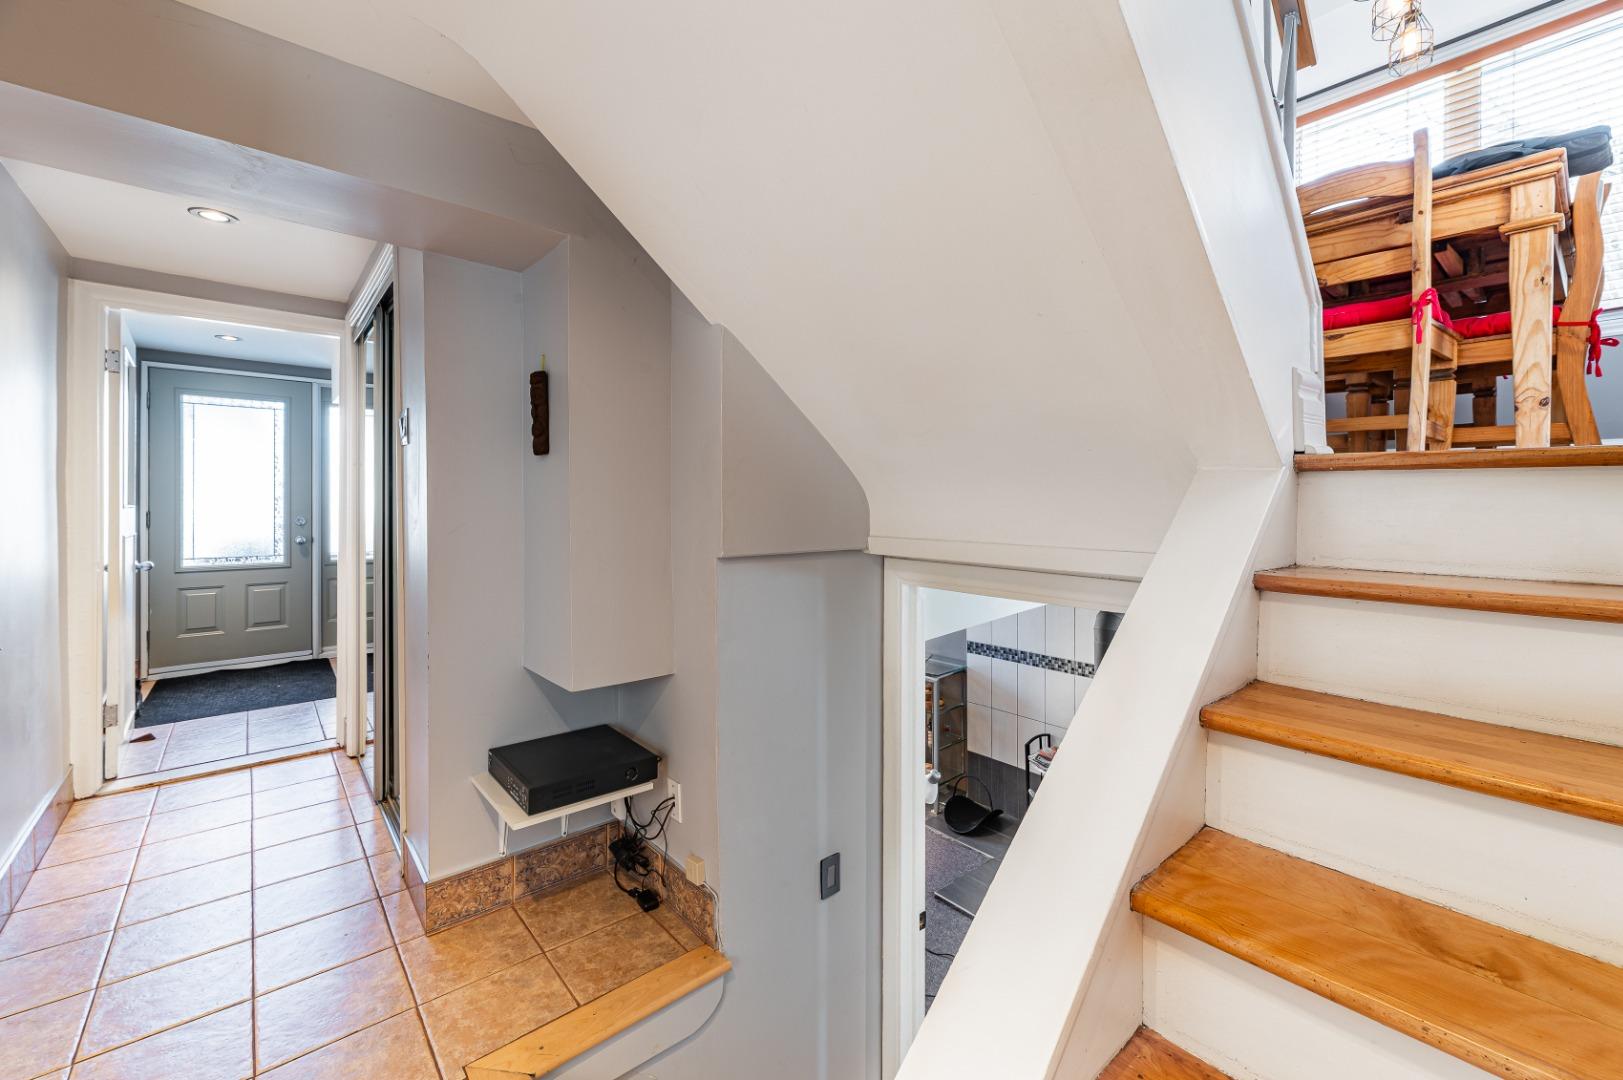 Maison à vendre 682, Av. Mondor Laval 3